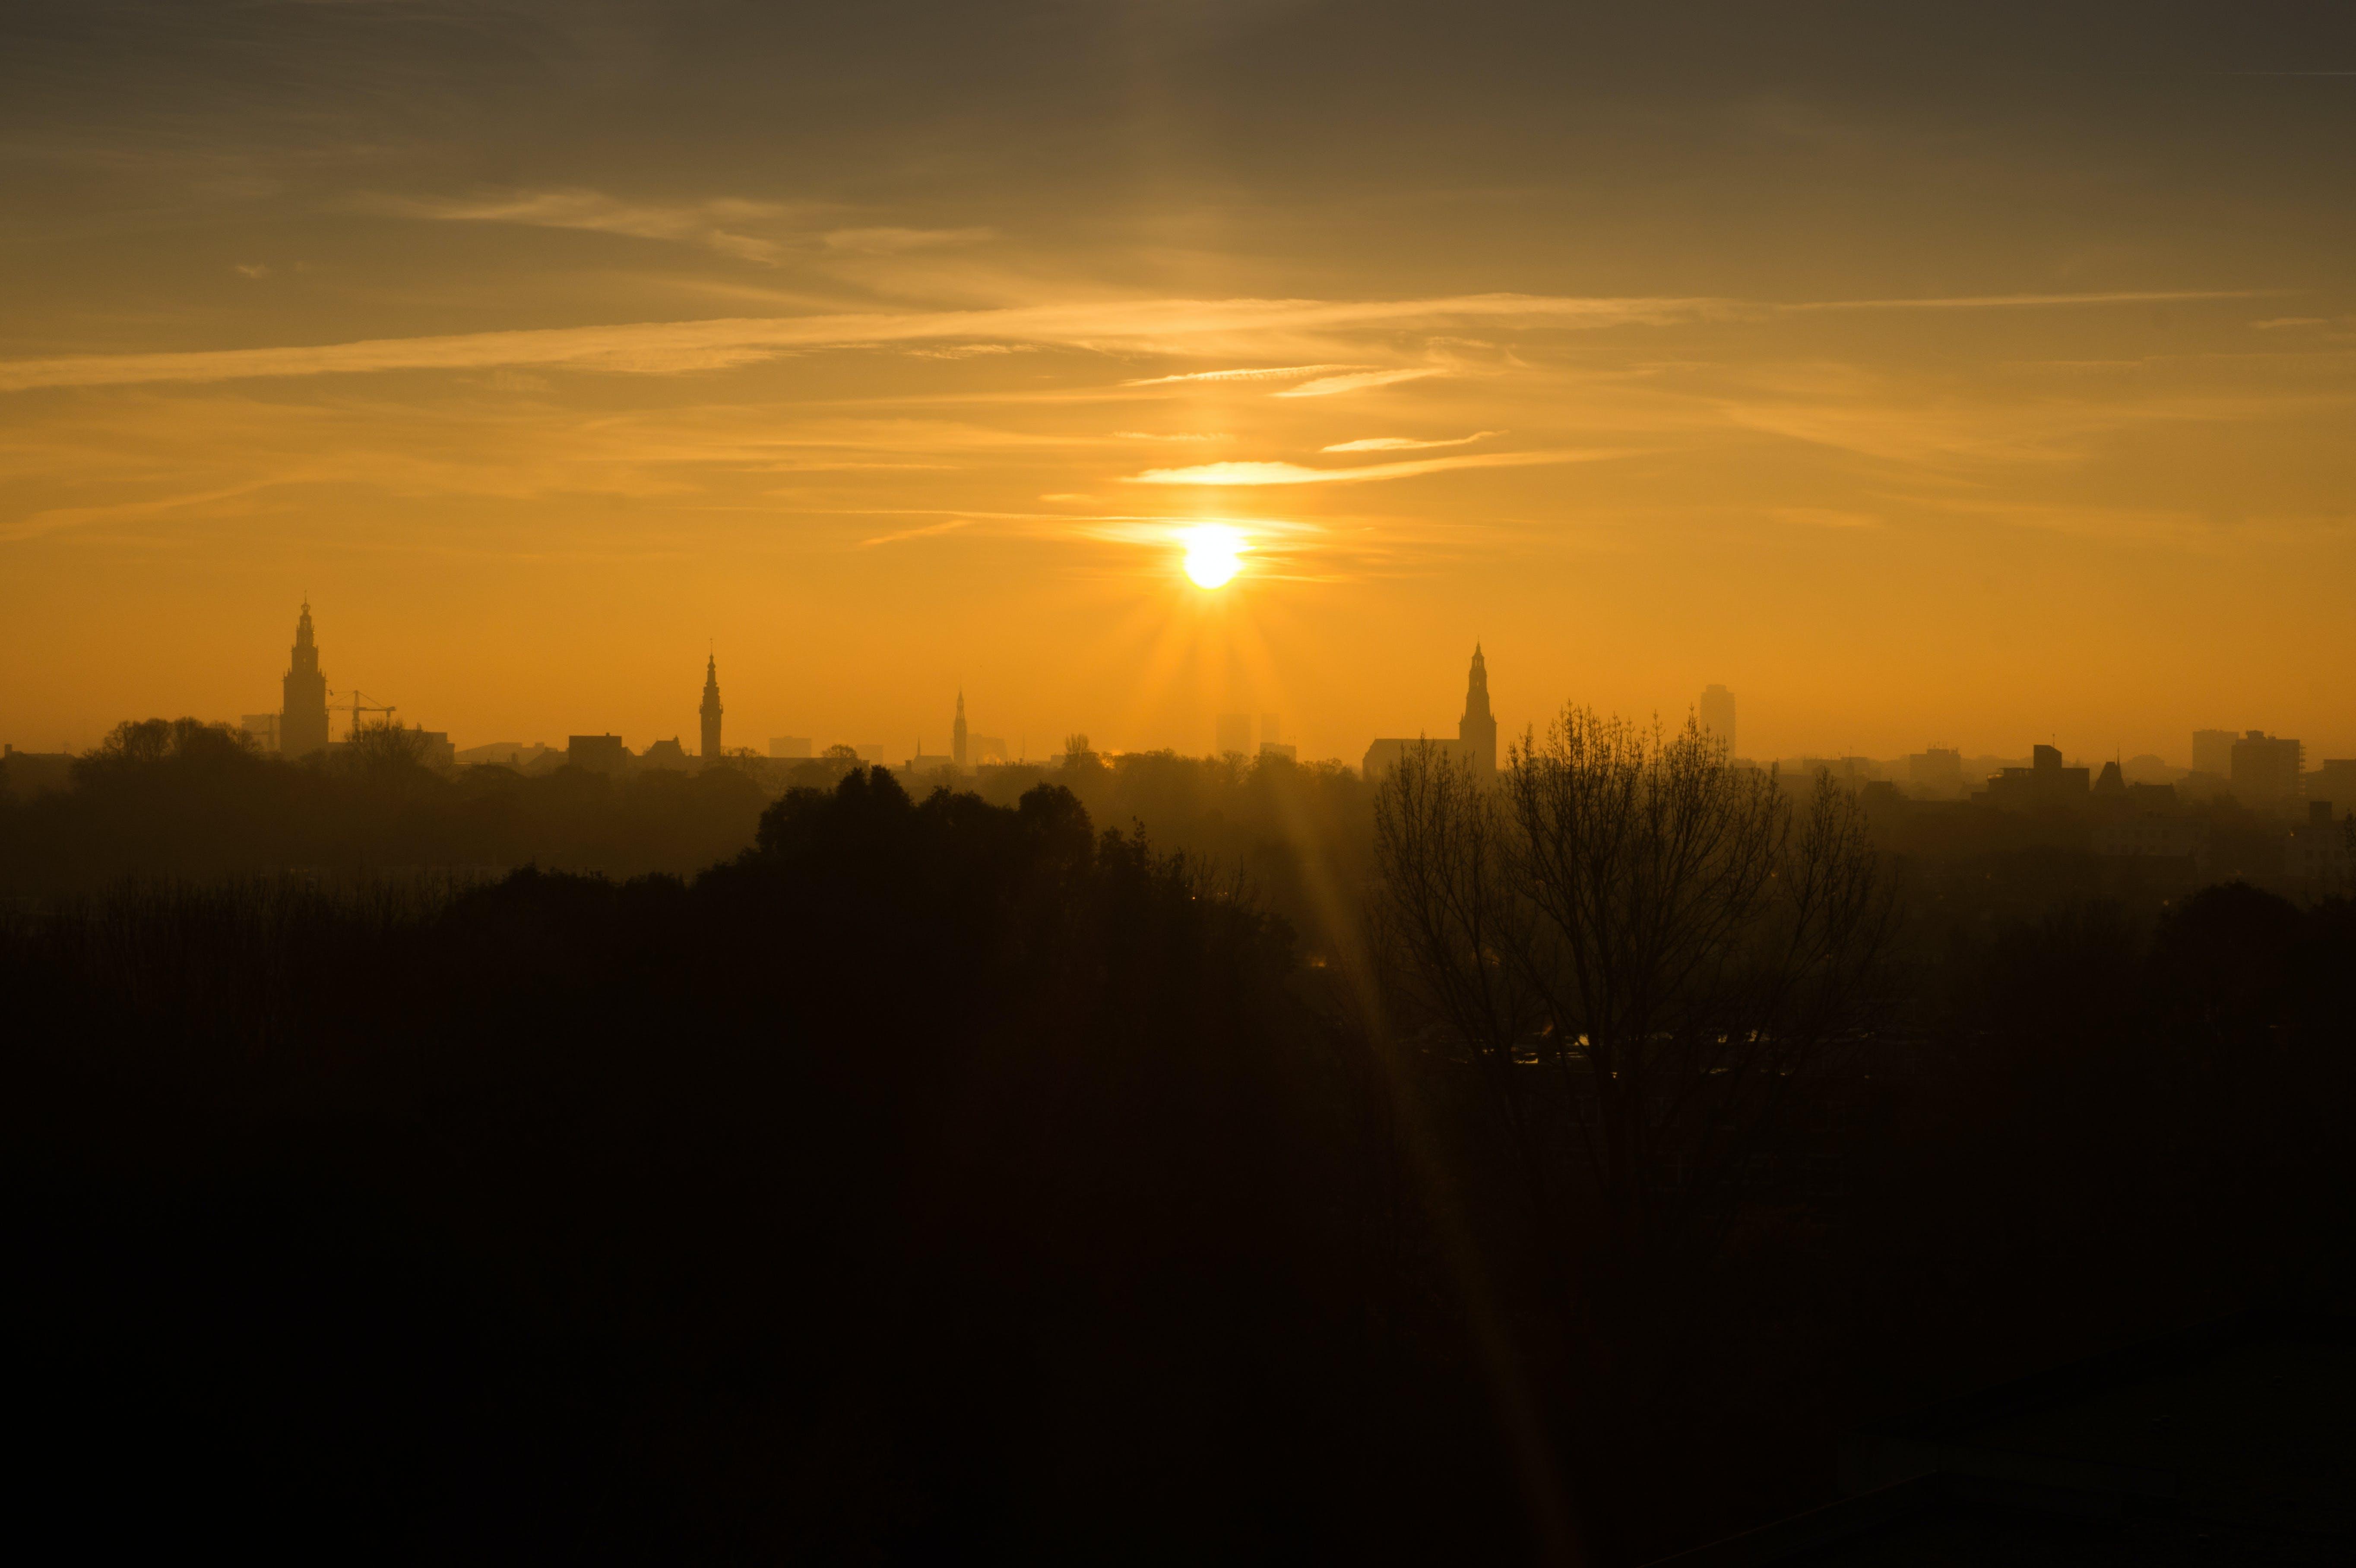 Безкоштовне стокове фото на тему «апельсин, Захід сонця, схід сонця»